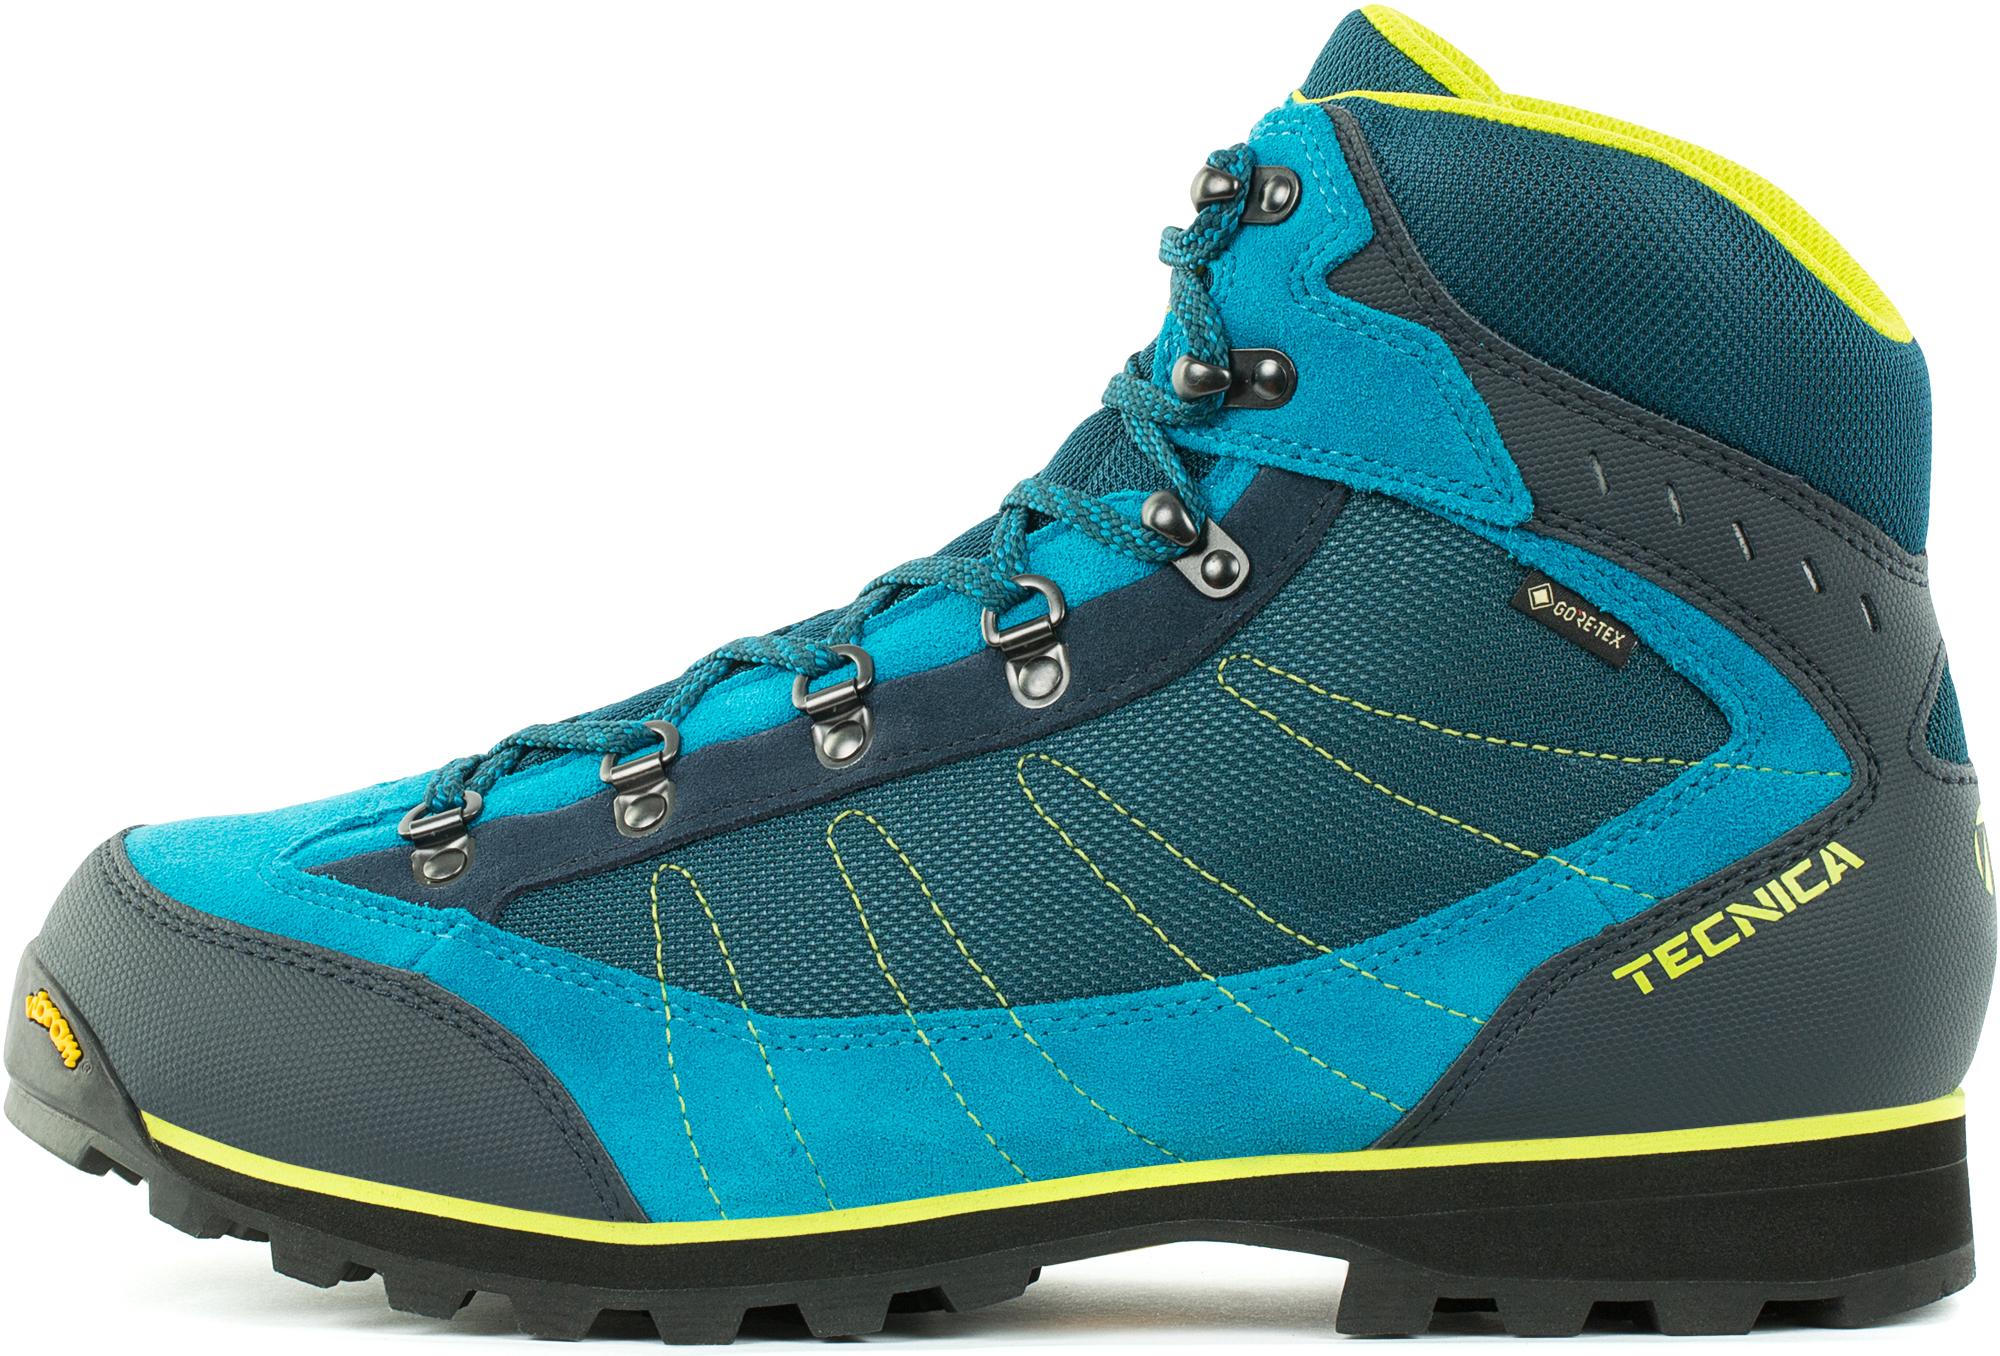 Tecnica Ботинки мужские Makalu Iv Gtx, размер 45